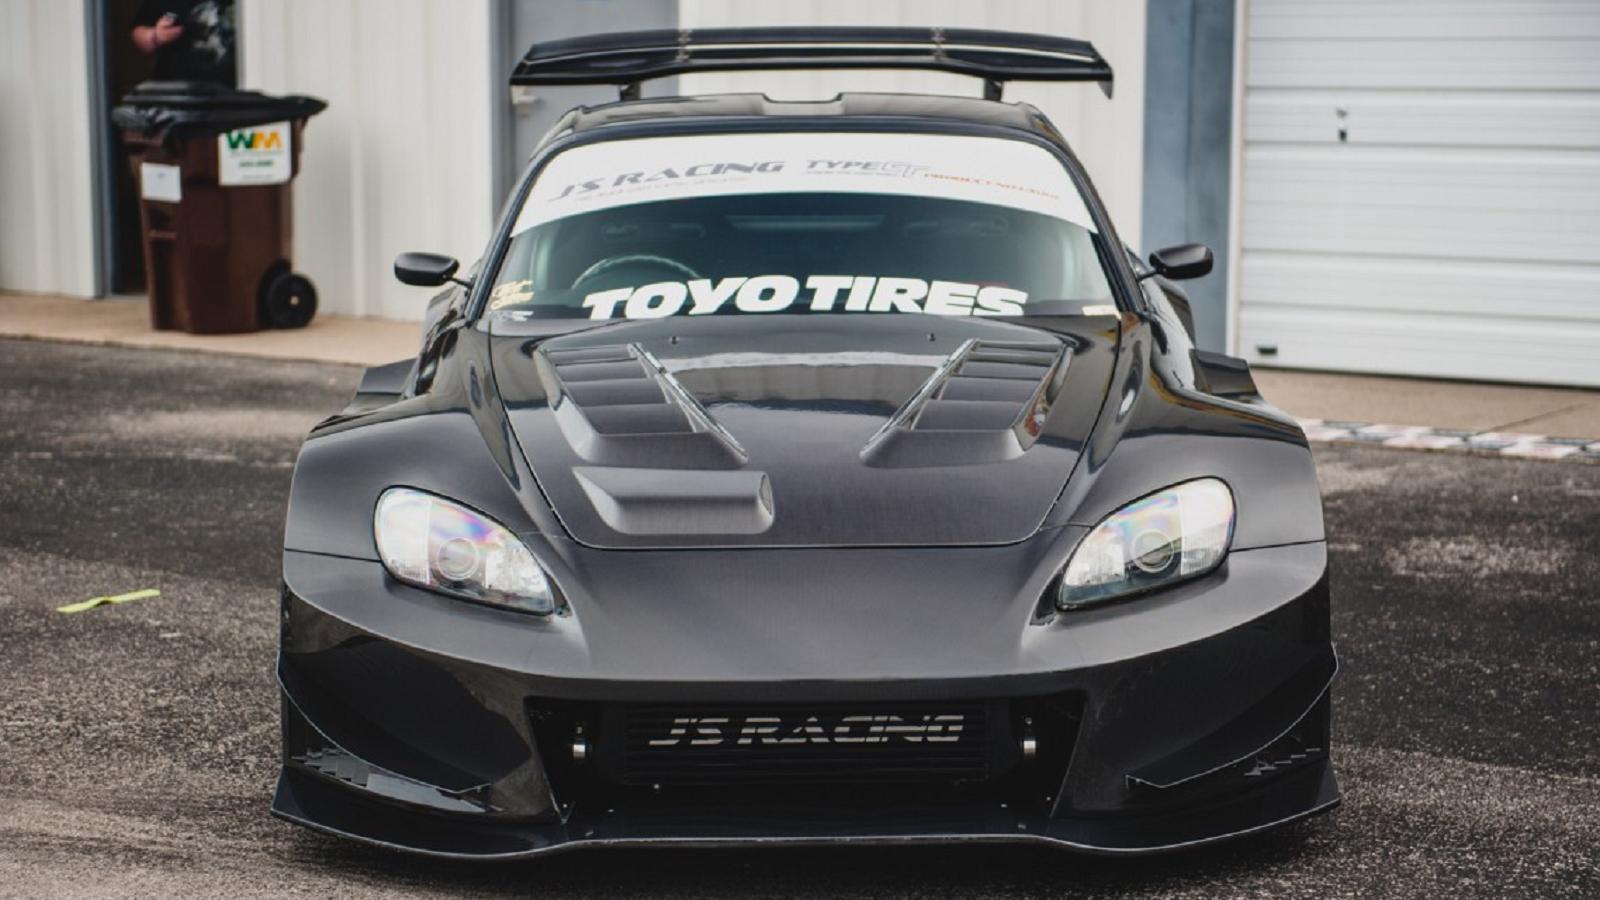 J's Racing Type GT